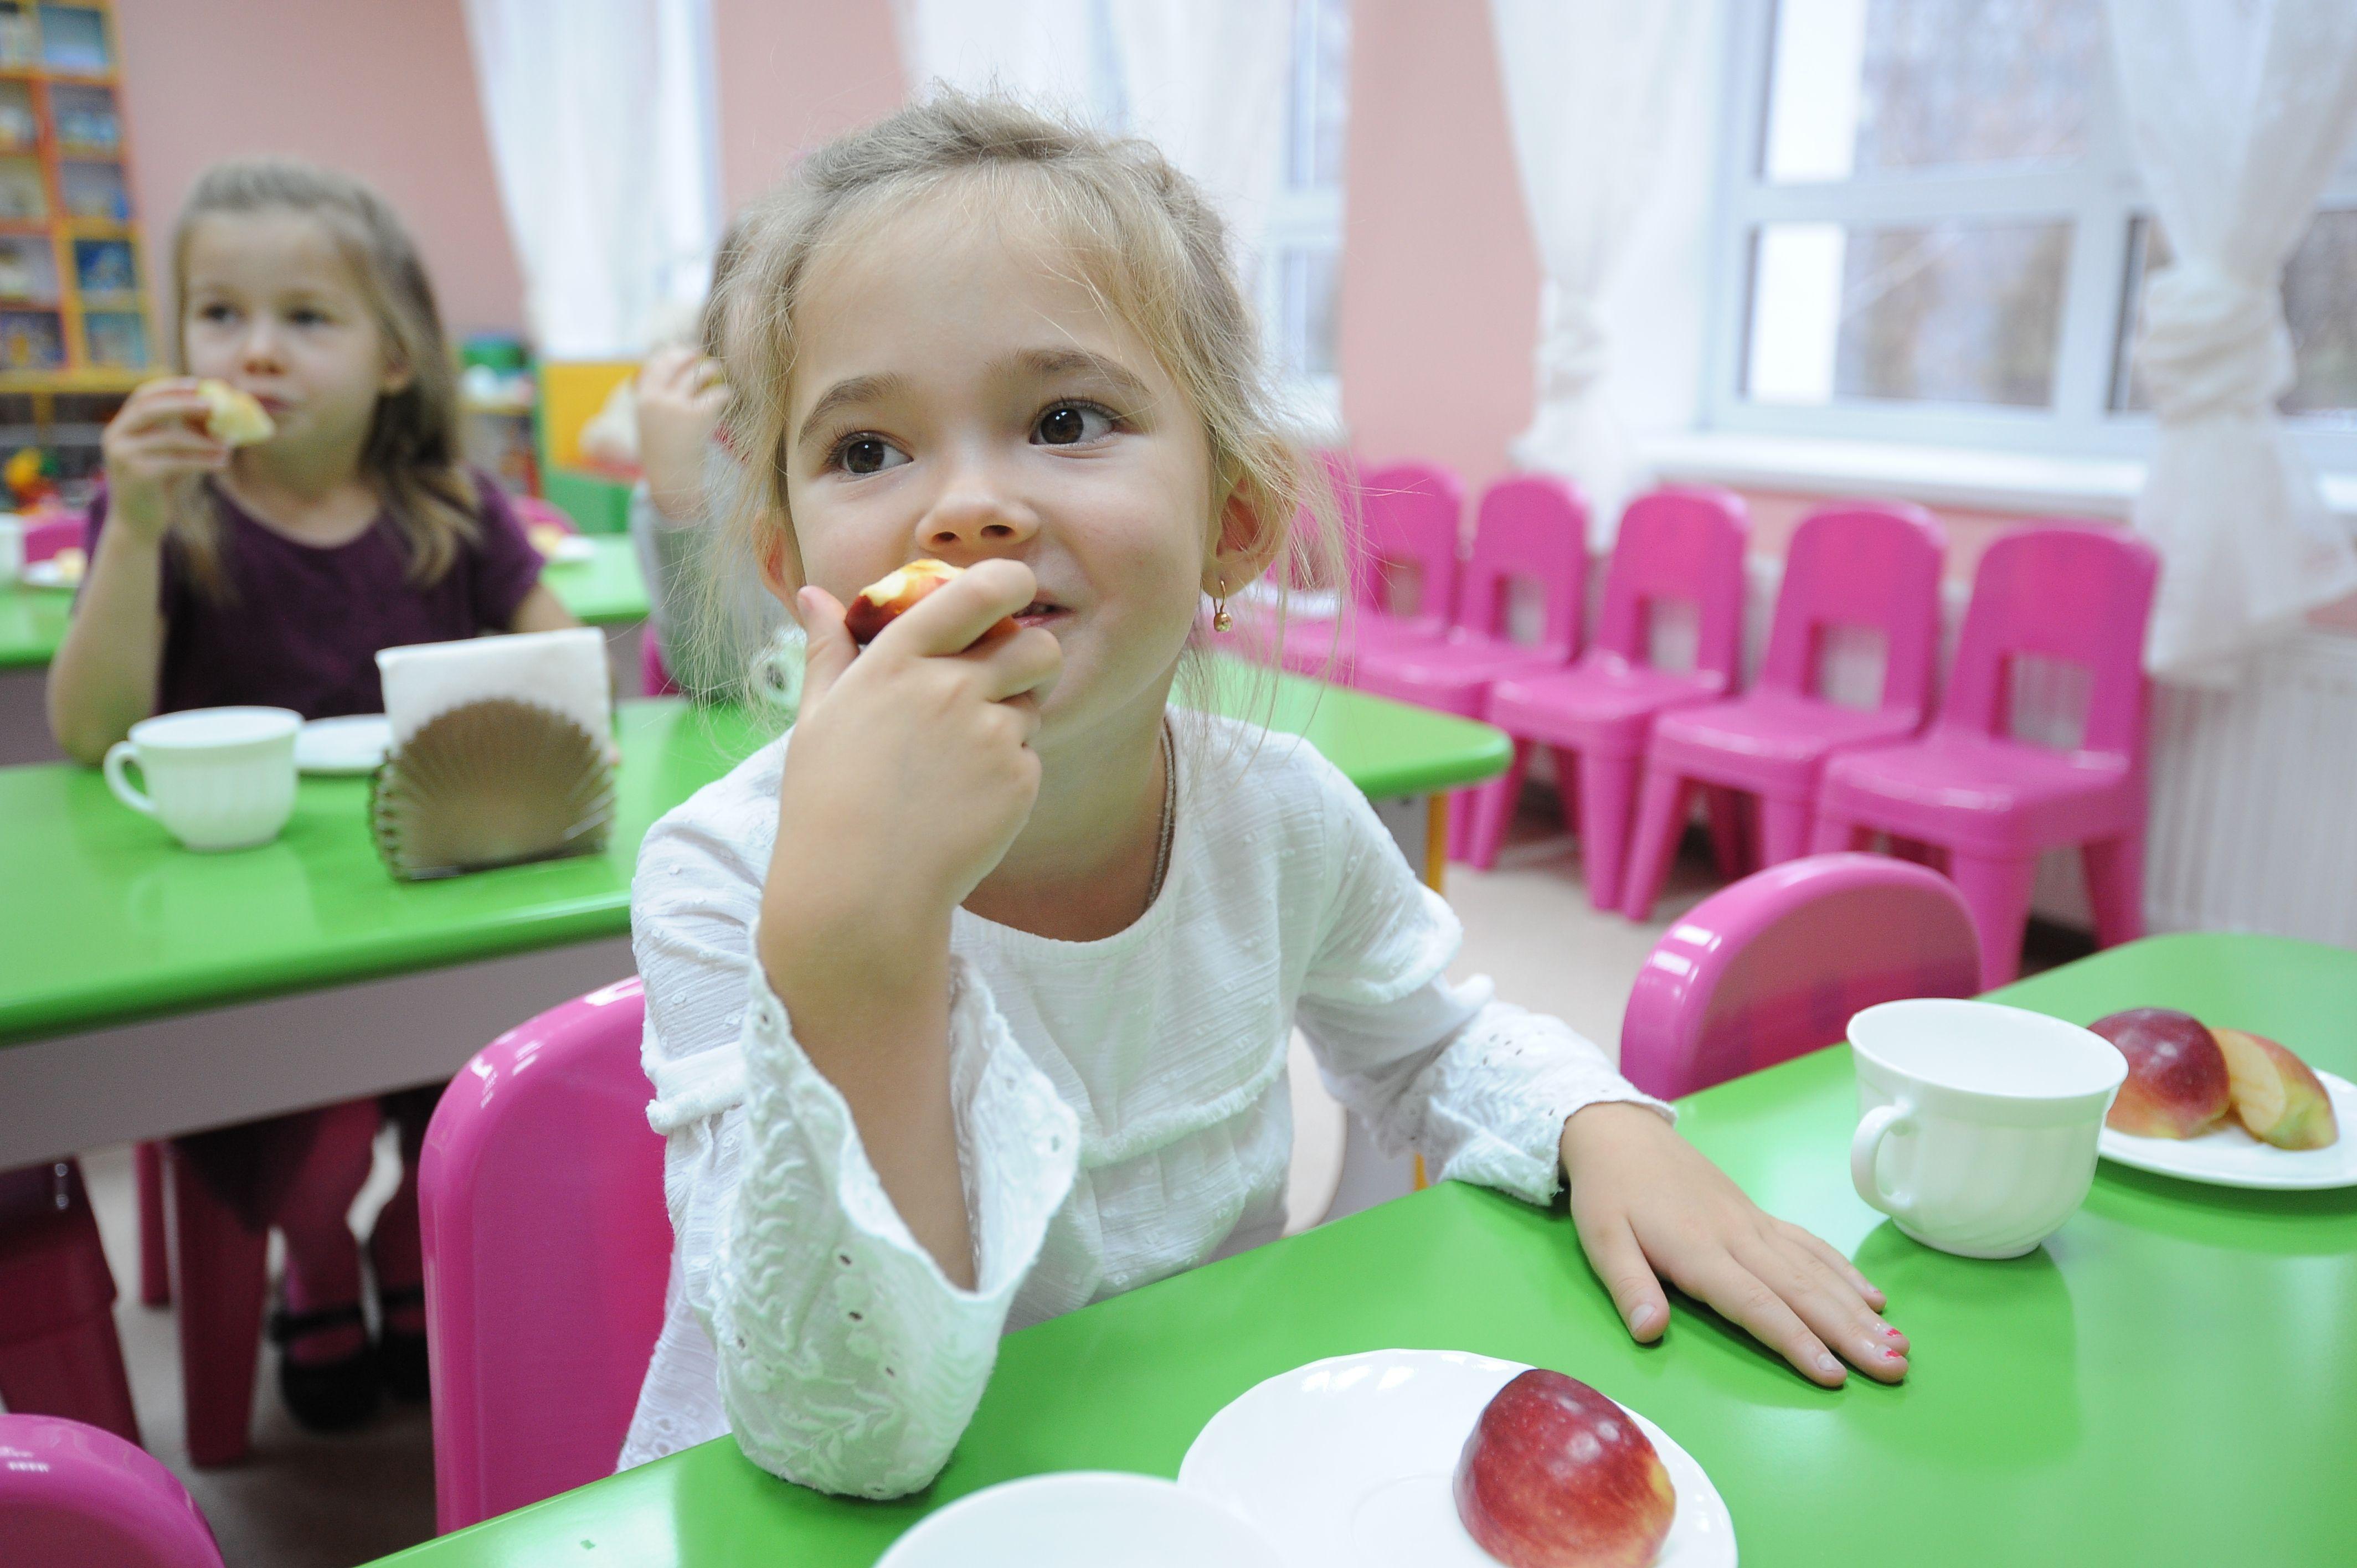 Детский сад на 150 мест построят на юго-востоке Москвы